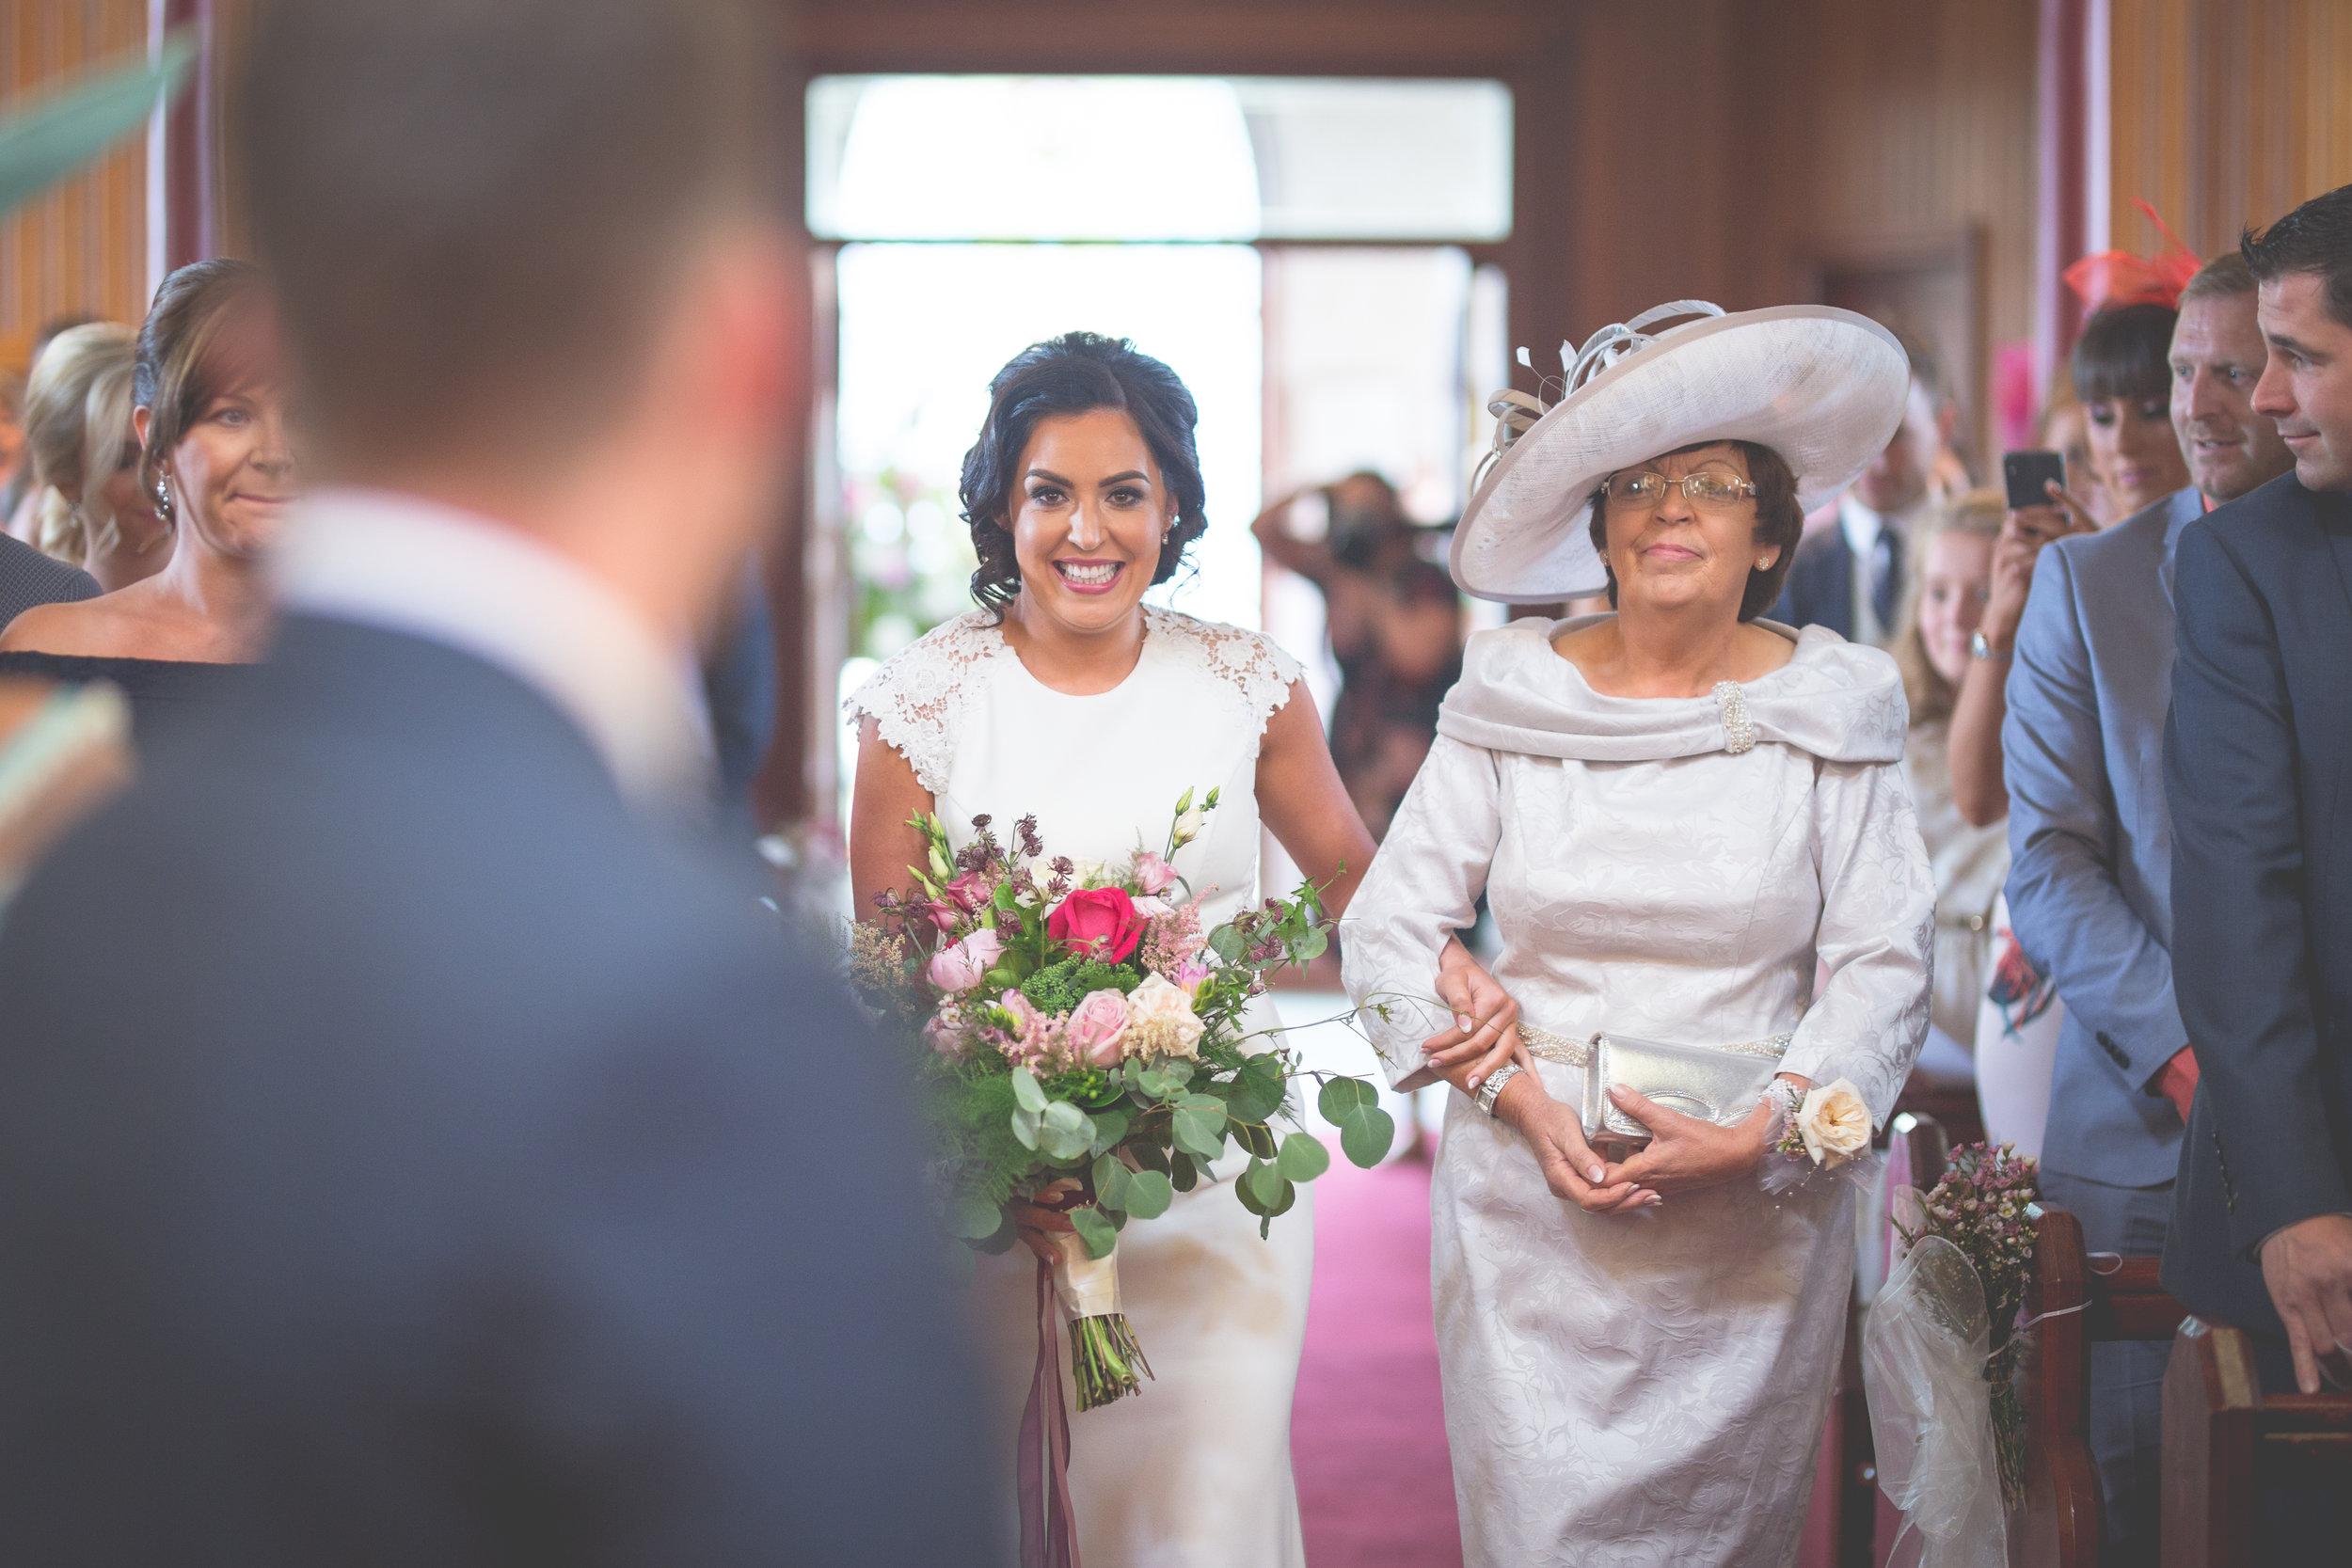 Brian McEwan Wedding Photography   Carol-Anne & Sean   The Ceremony-22.jpg